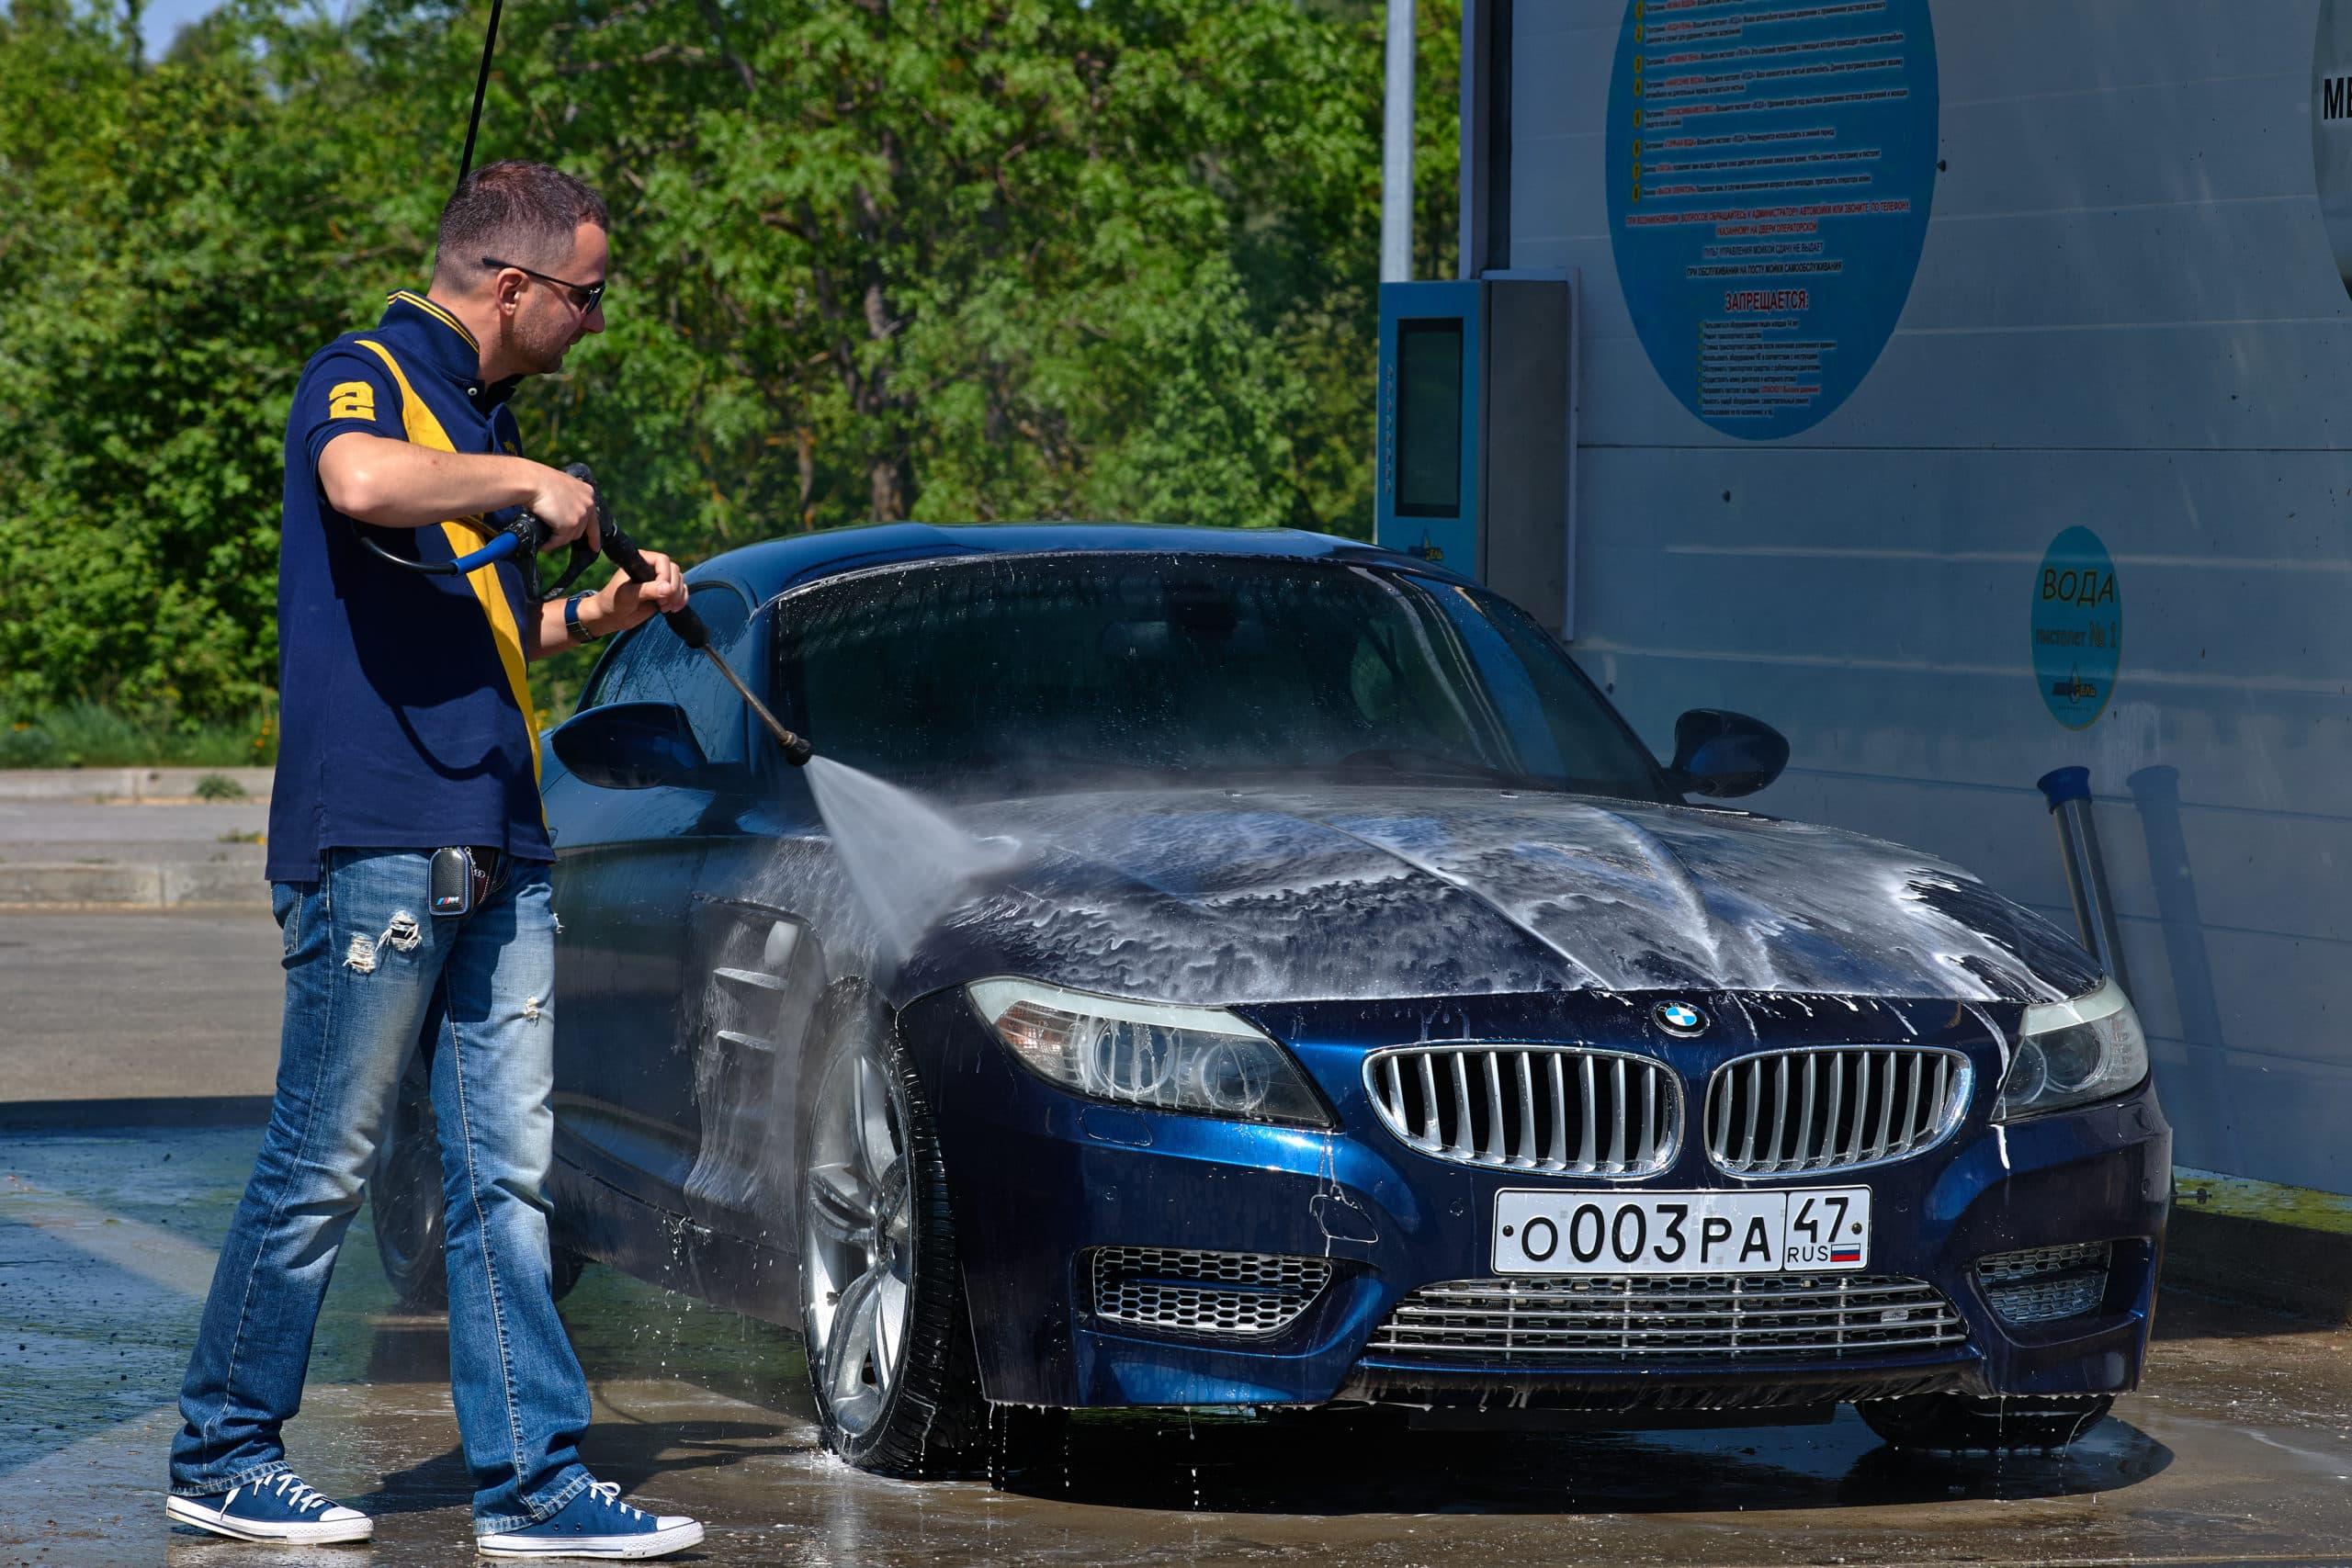 водитель моет автомобиль